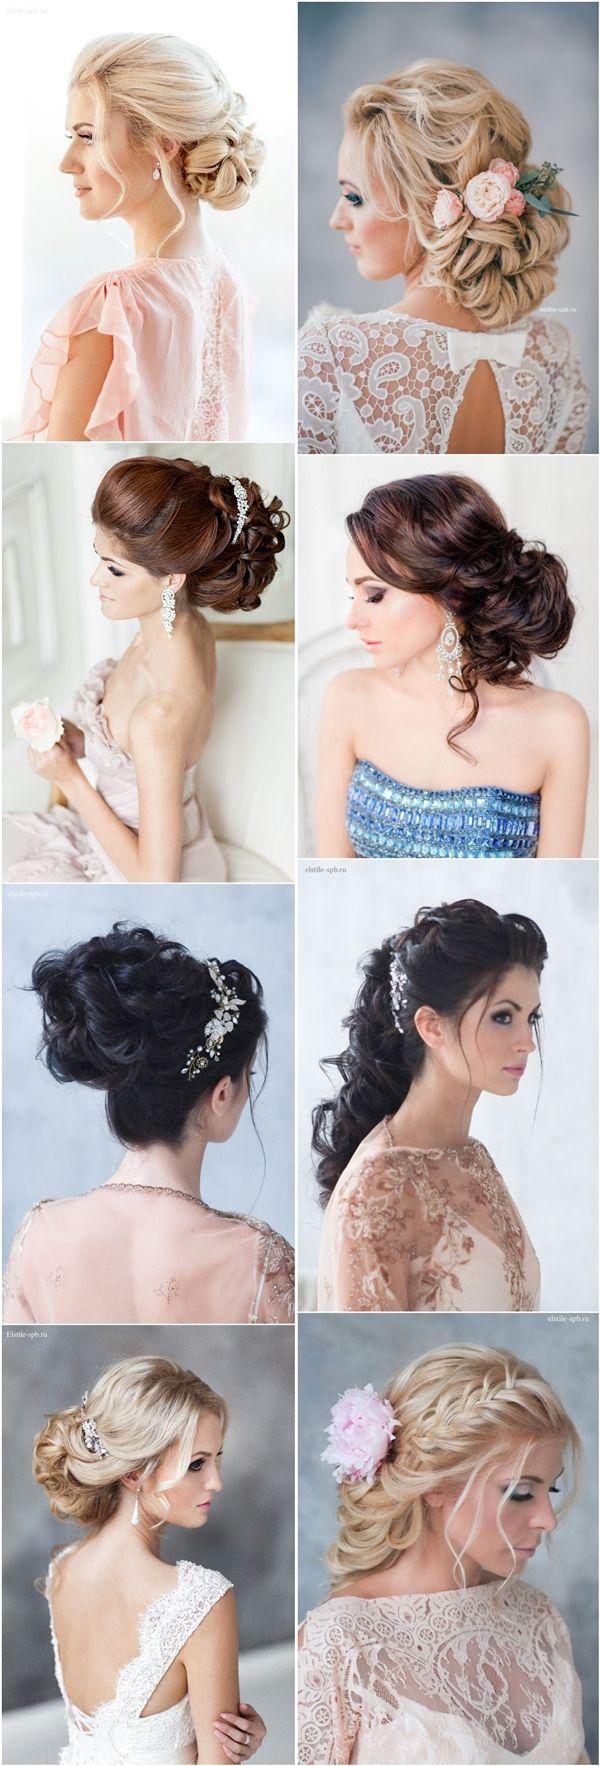 braided wedding bridal hairstyles for long hair / www.deerpearlflow...